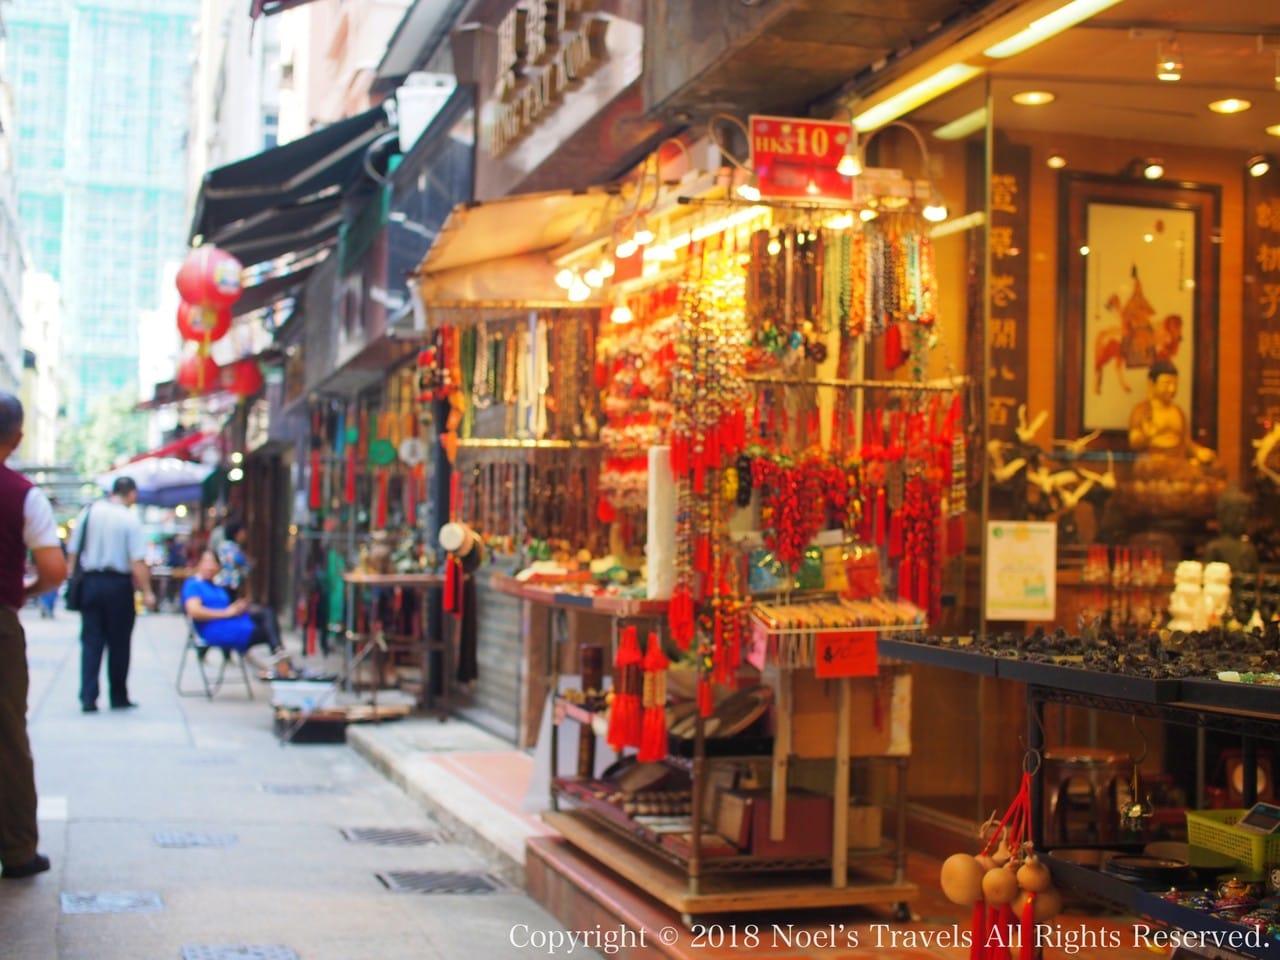 香港島の骨董品街「キャット・ストリート」